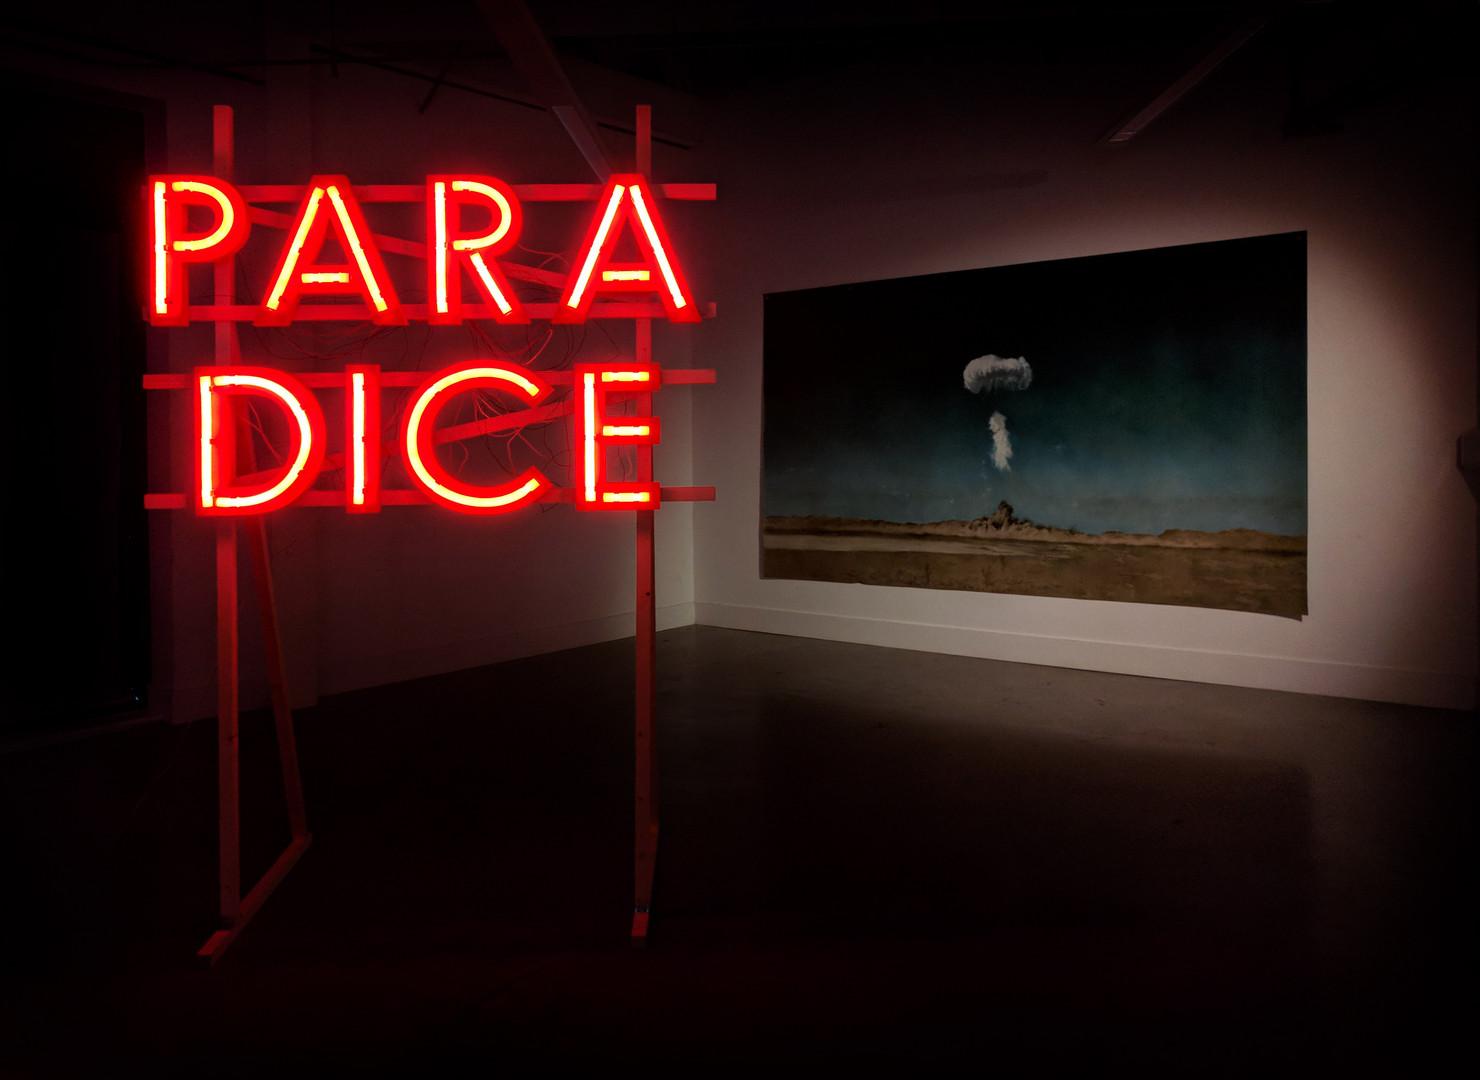 ParaDice-2017-180x130x80-wood,led neon,p